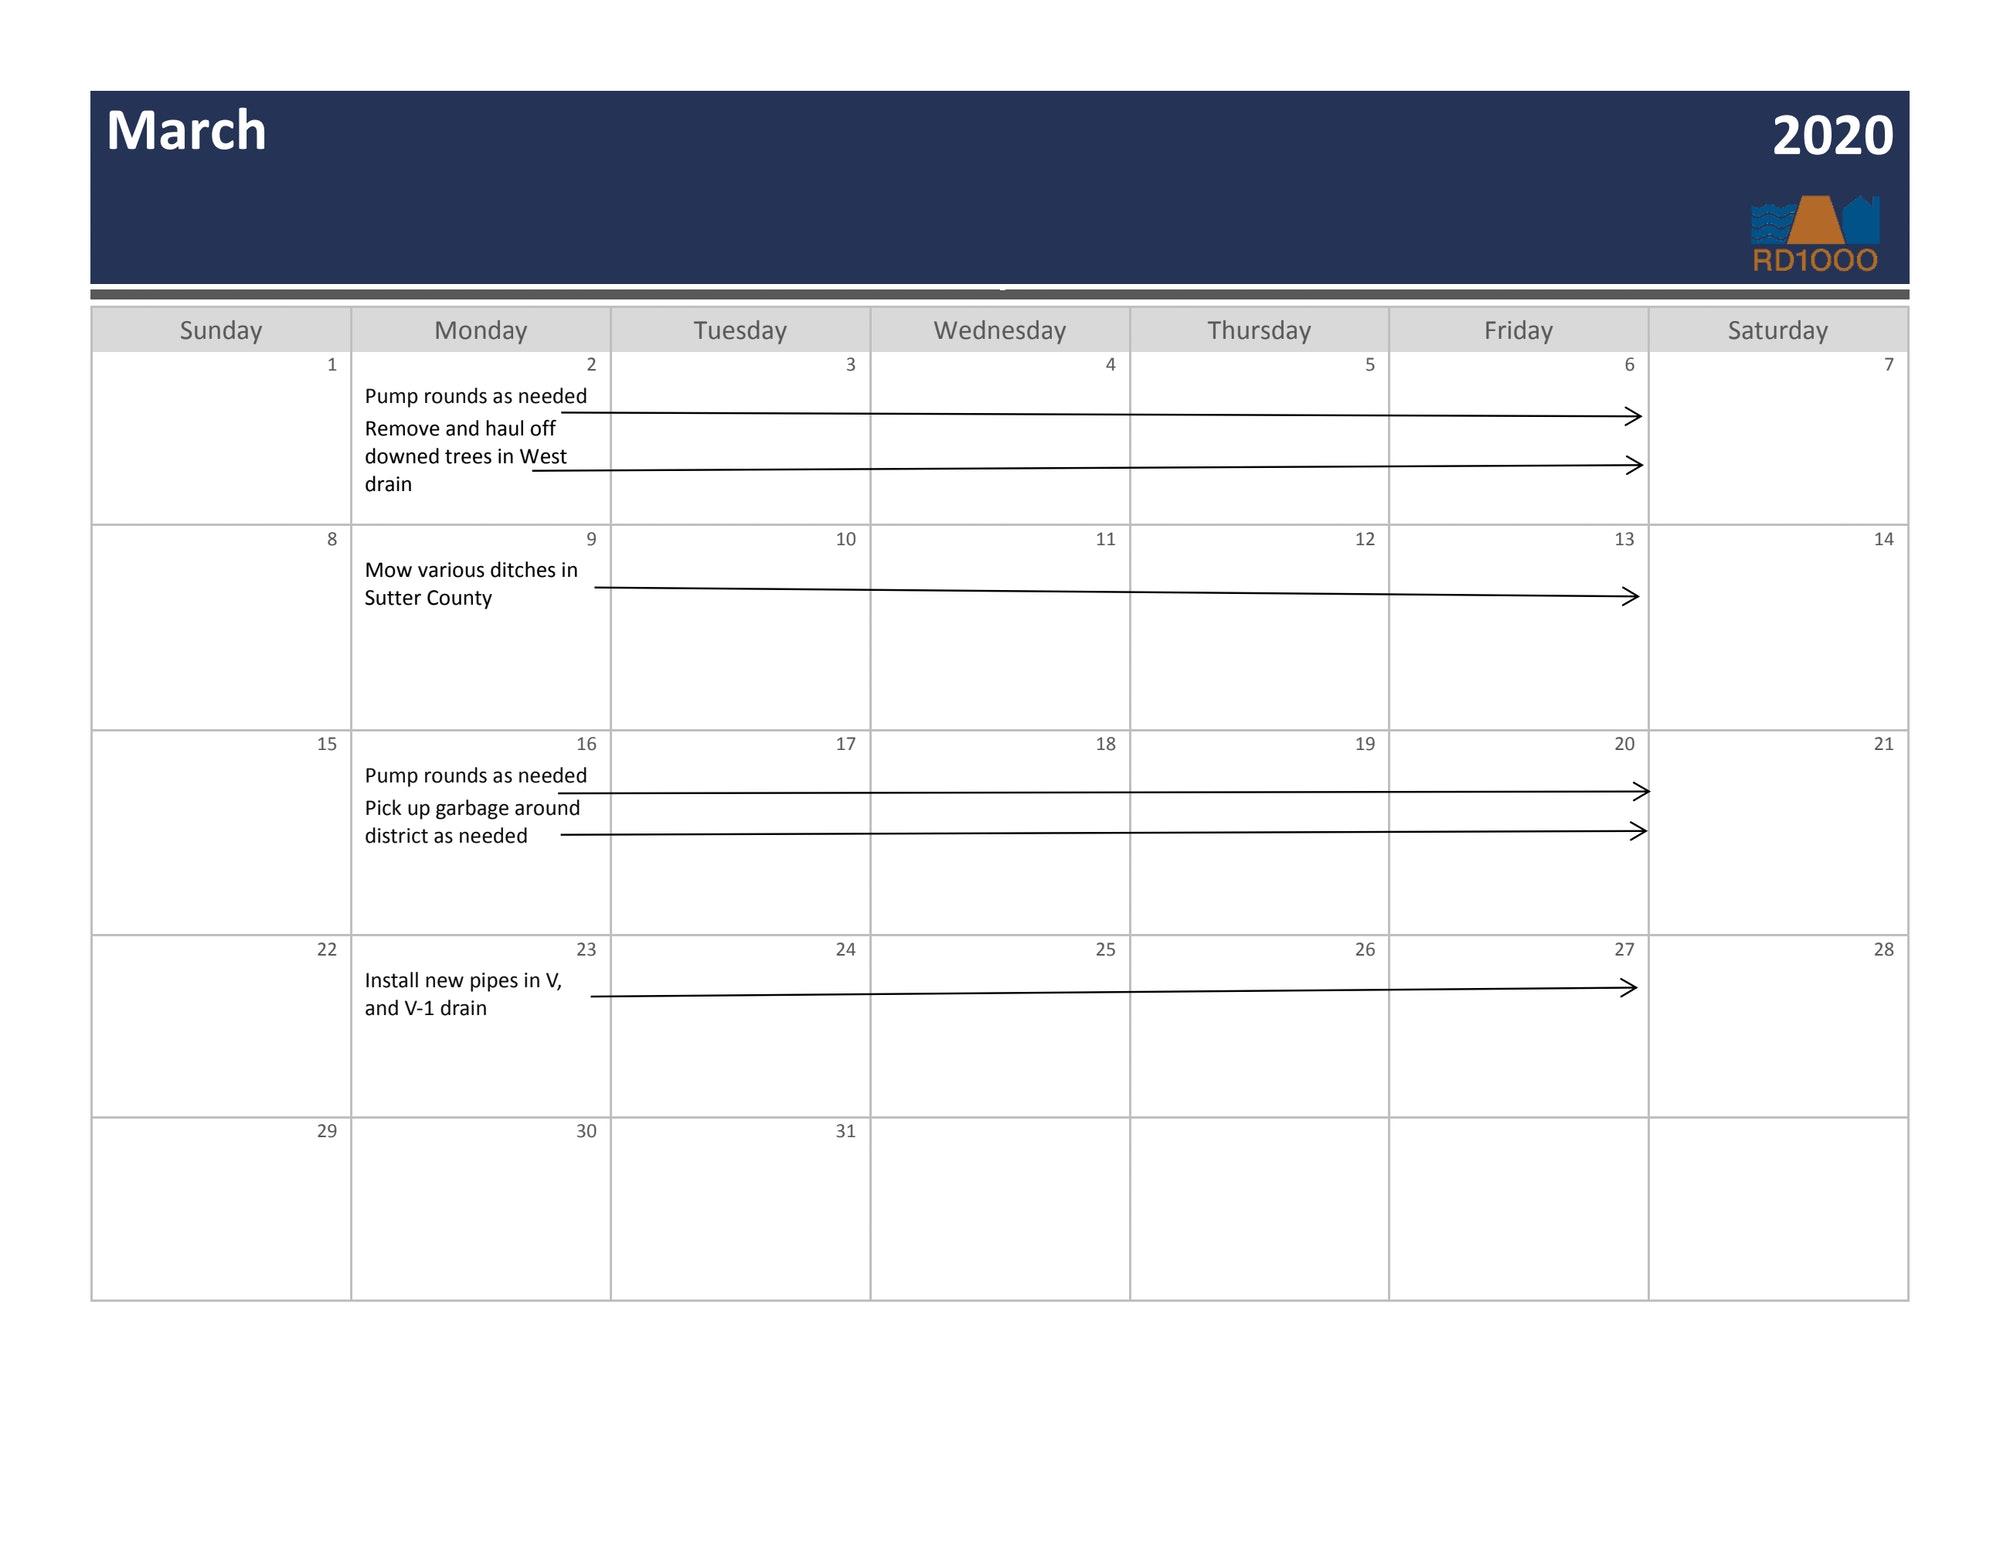 March 2020 Maintenance Calendar